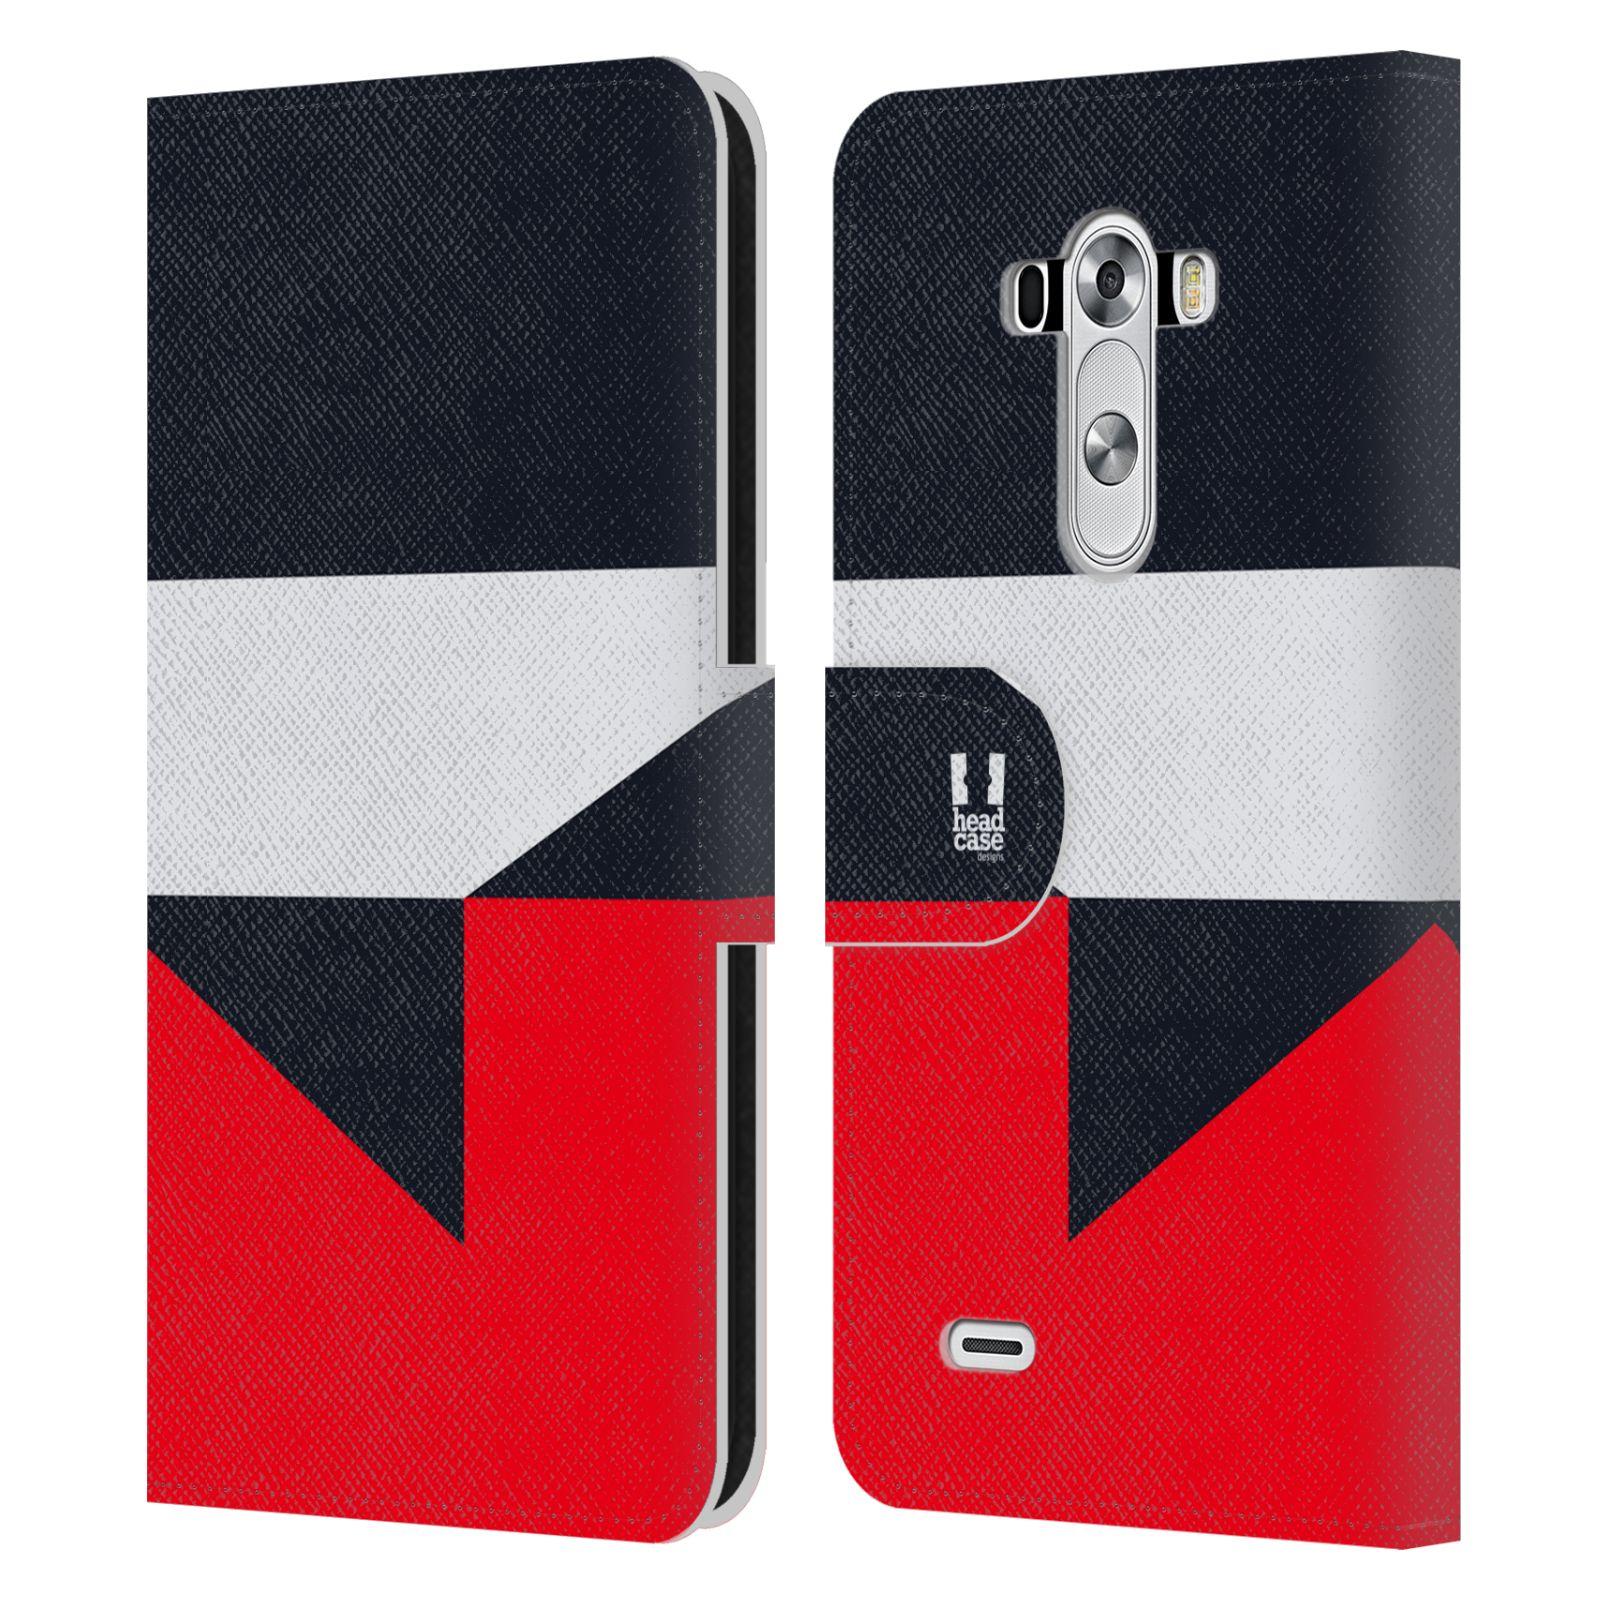 HEAD CASE Flipové pouzdro pro mobil LG G3 barevné tvary černá a červená gejša